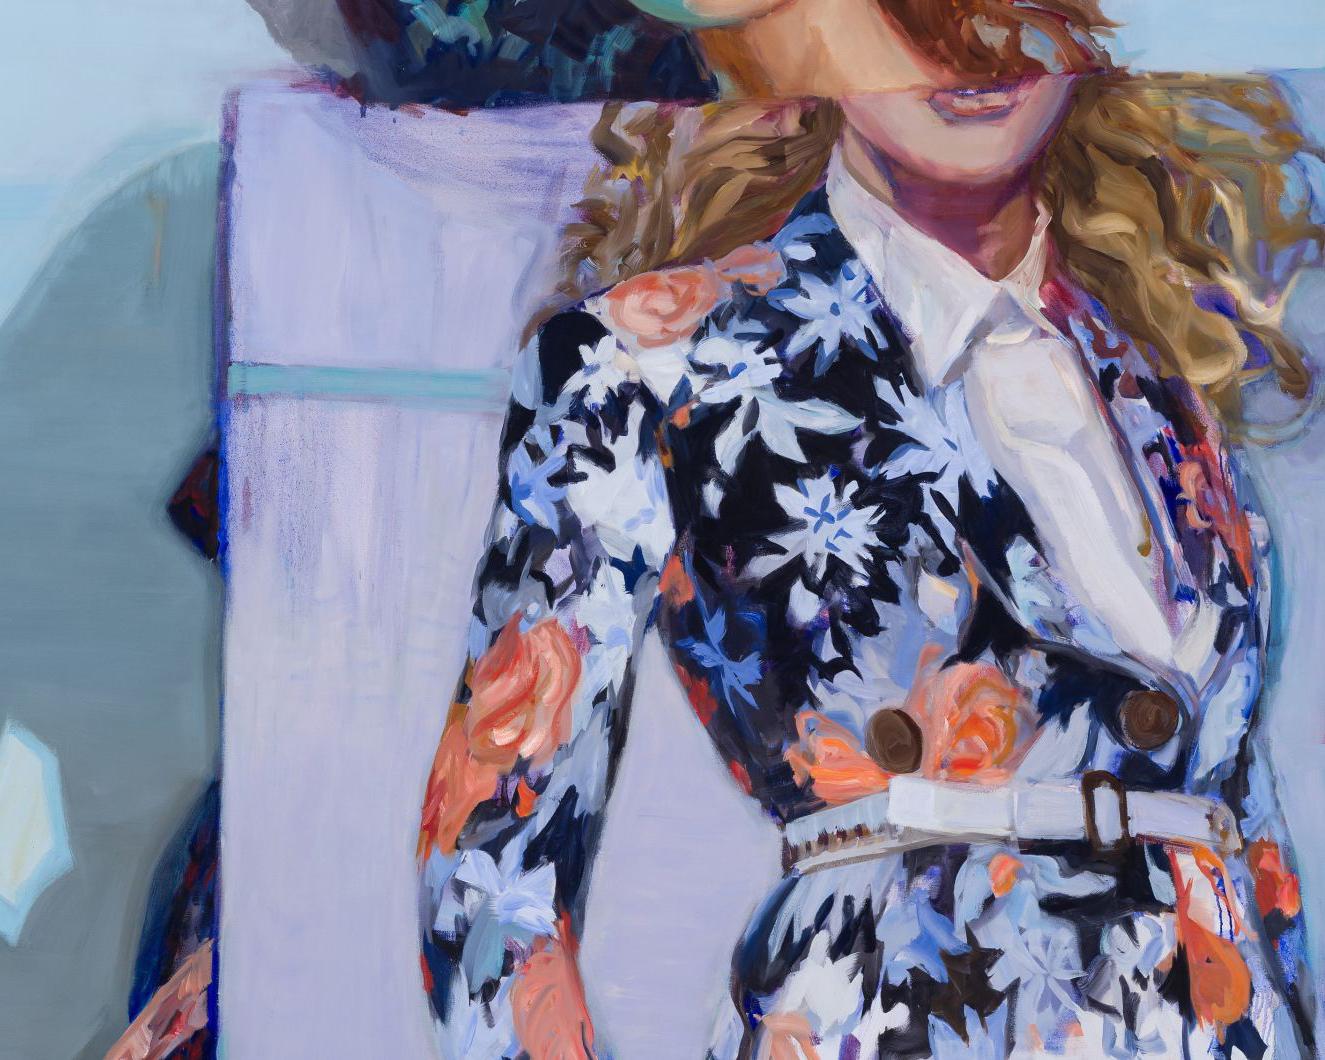 Le Devoir, 2020 | Phagocyter, l'imagerie de la mode selon Janet Werner